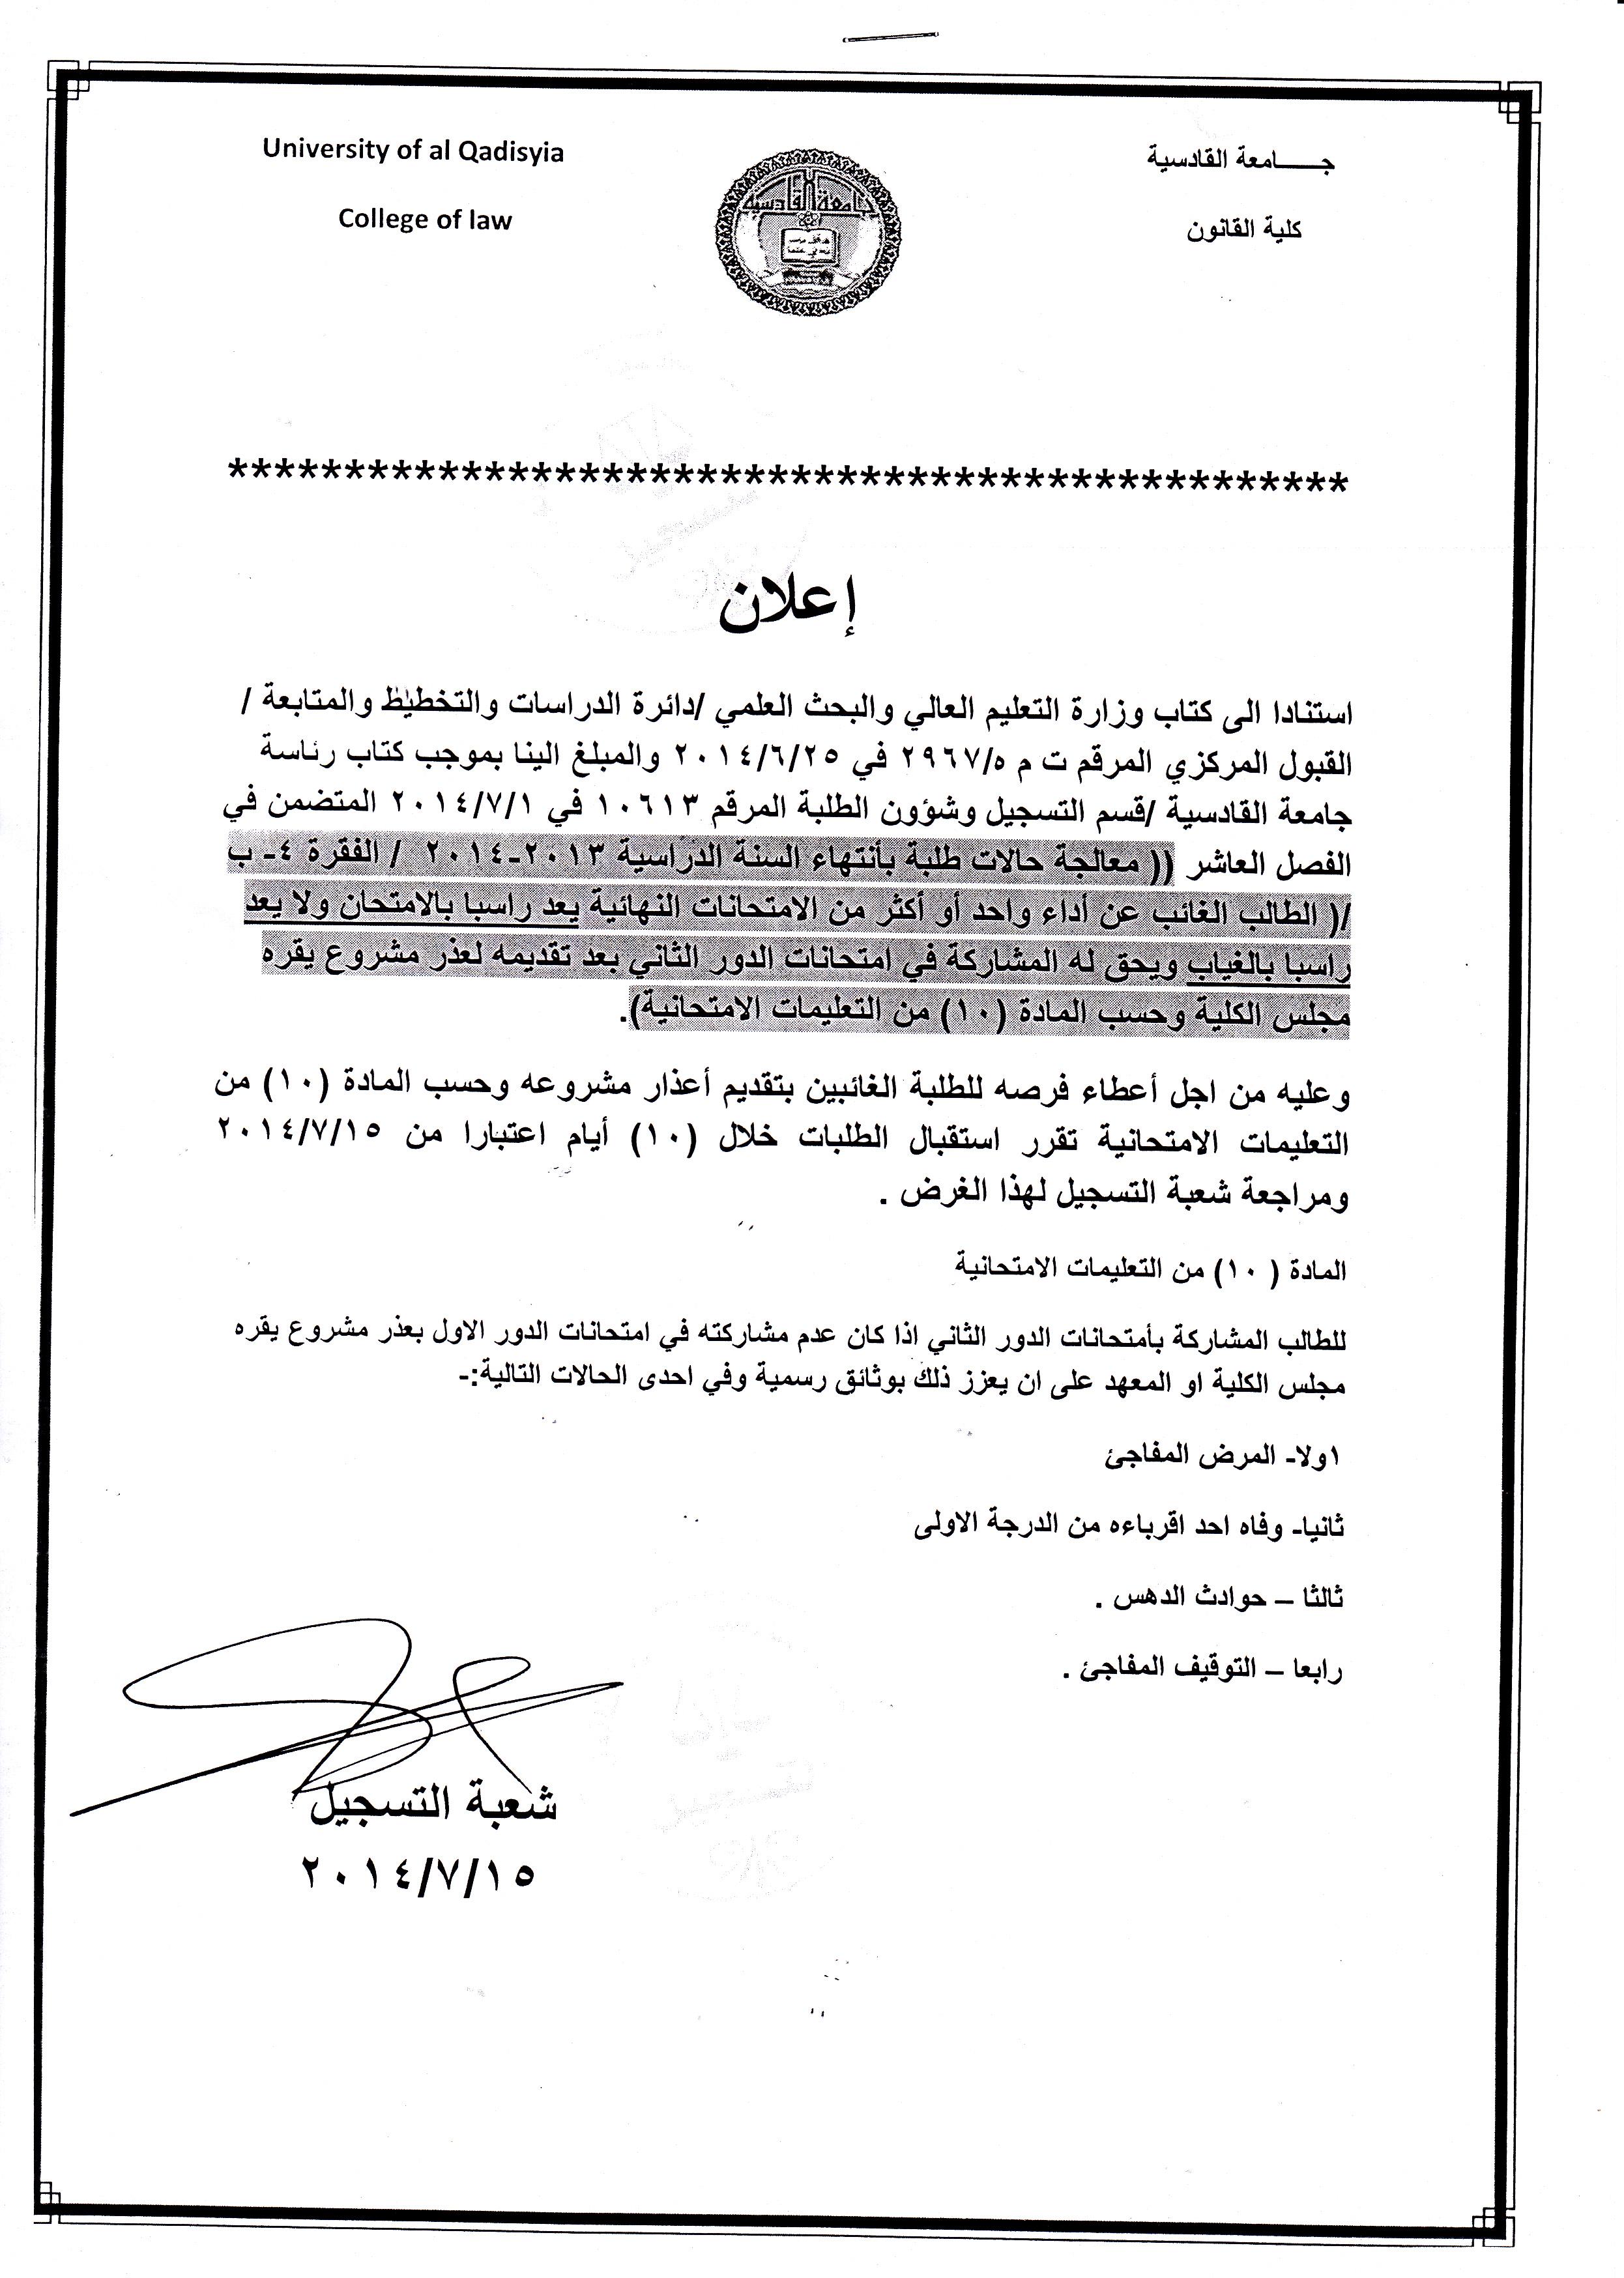 إعلان هام للطلبة الغائبين عن اداء الامتحانات النهائية